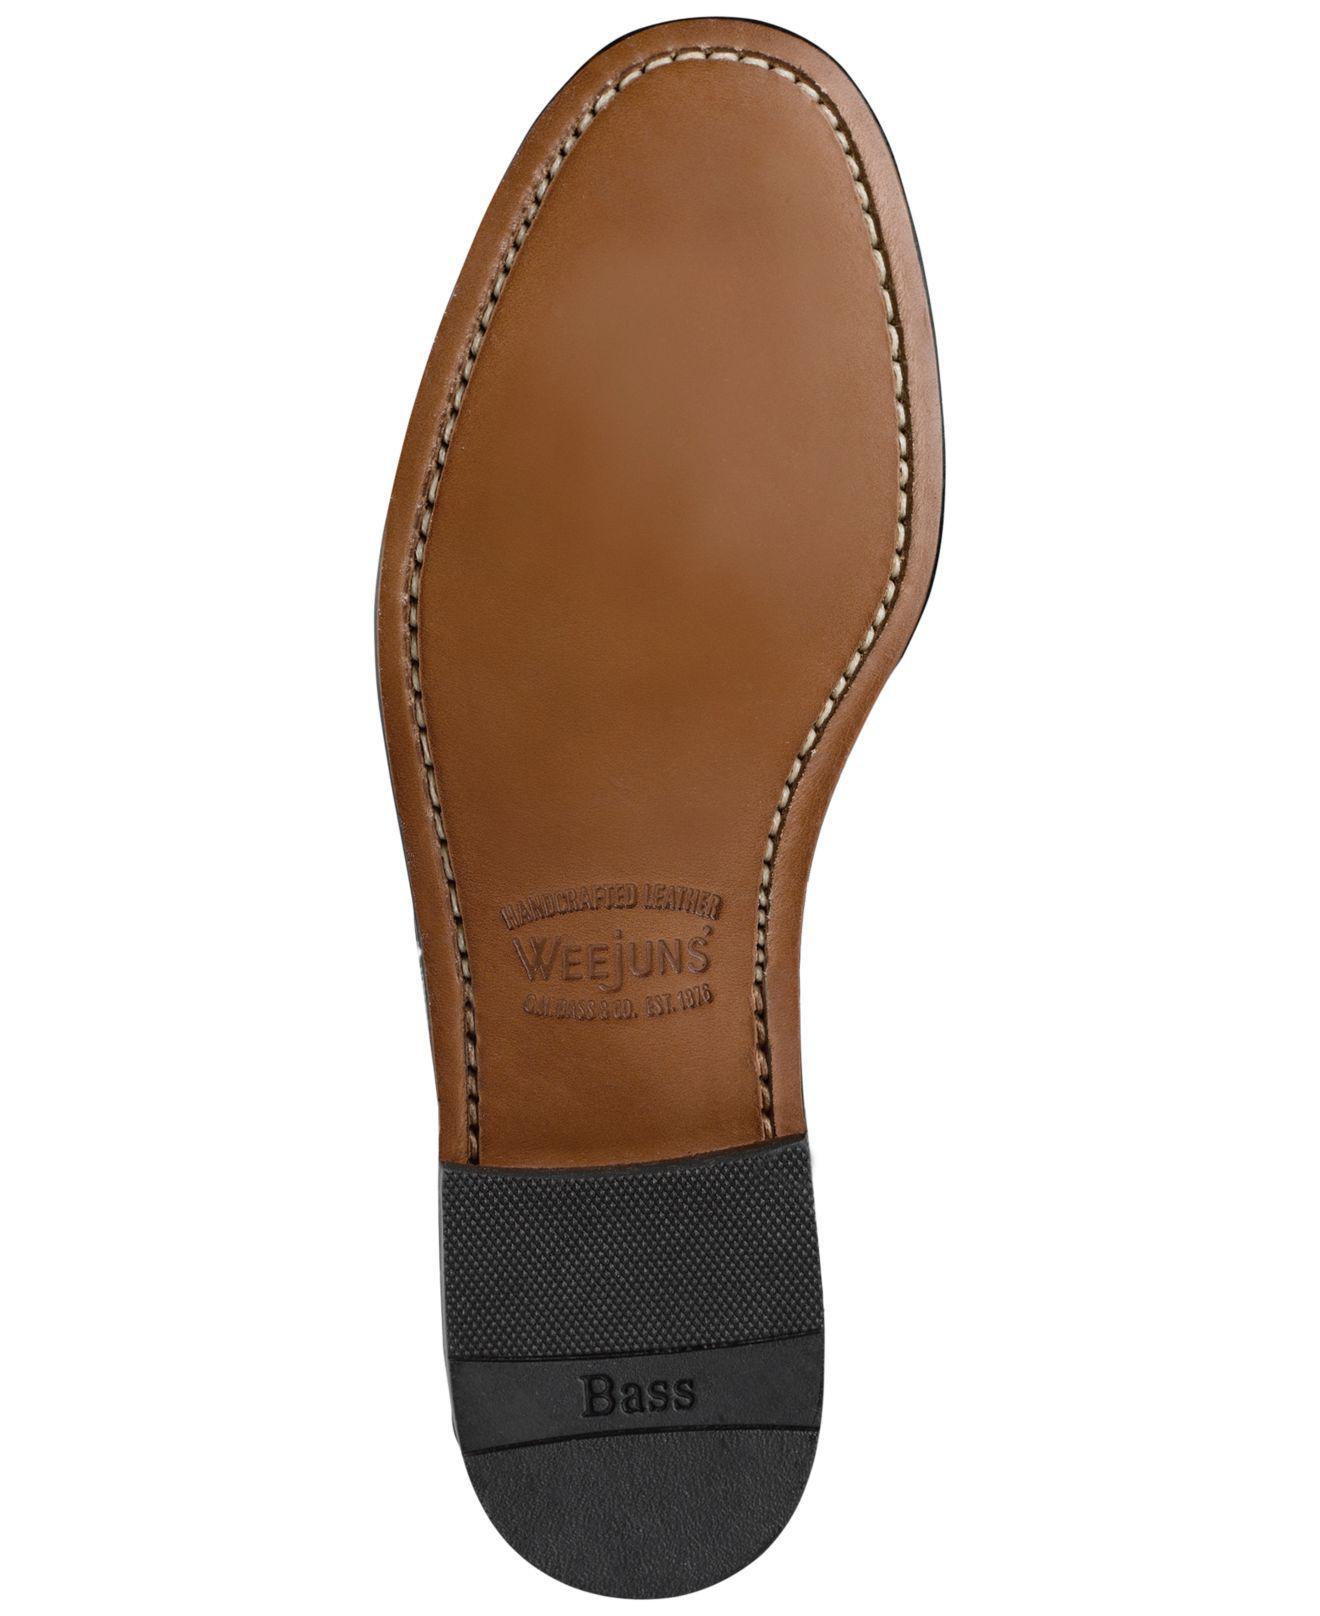 98b8687d867 Lyst - G.H.BASS Men s Larson Loafers in Blue for Men